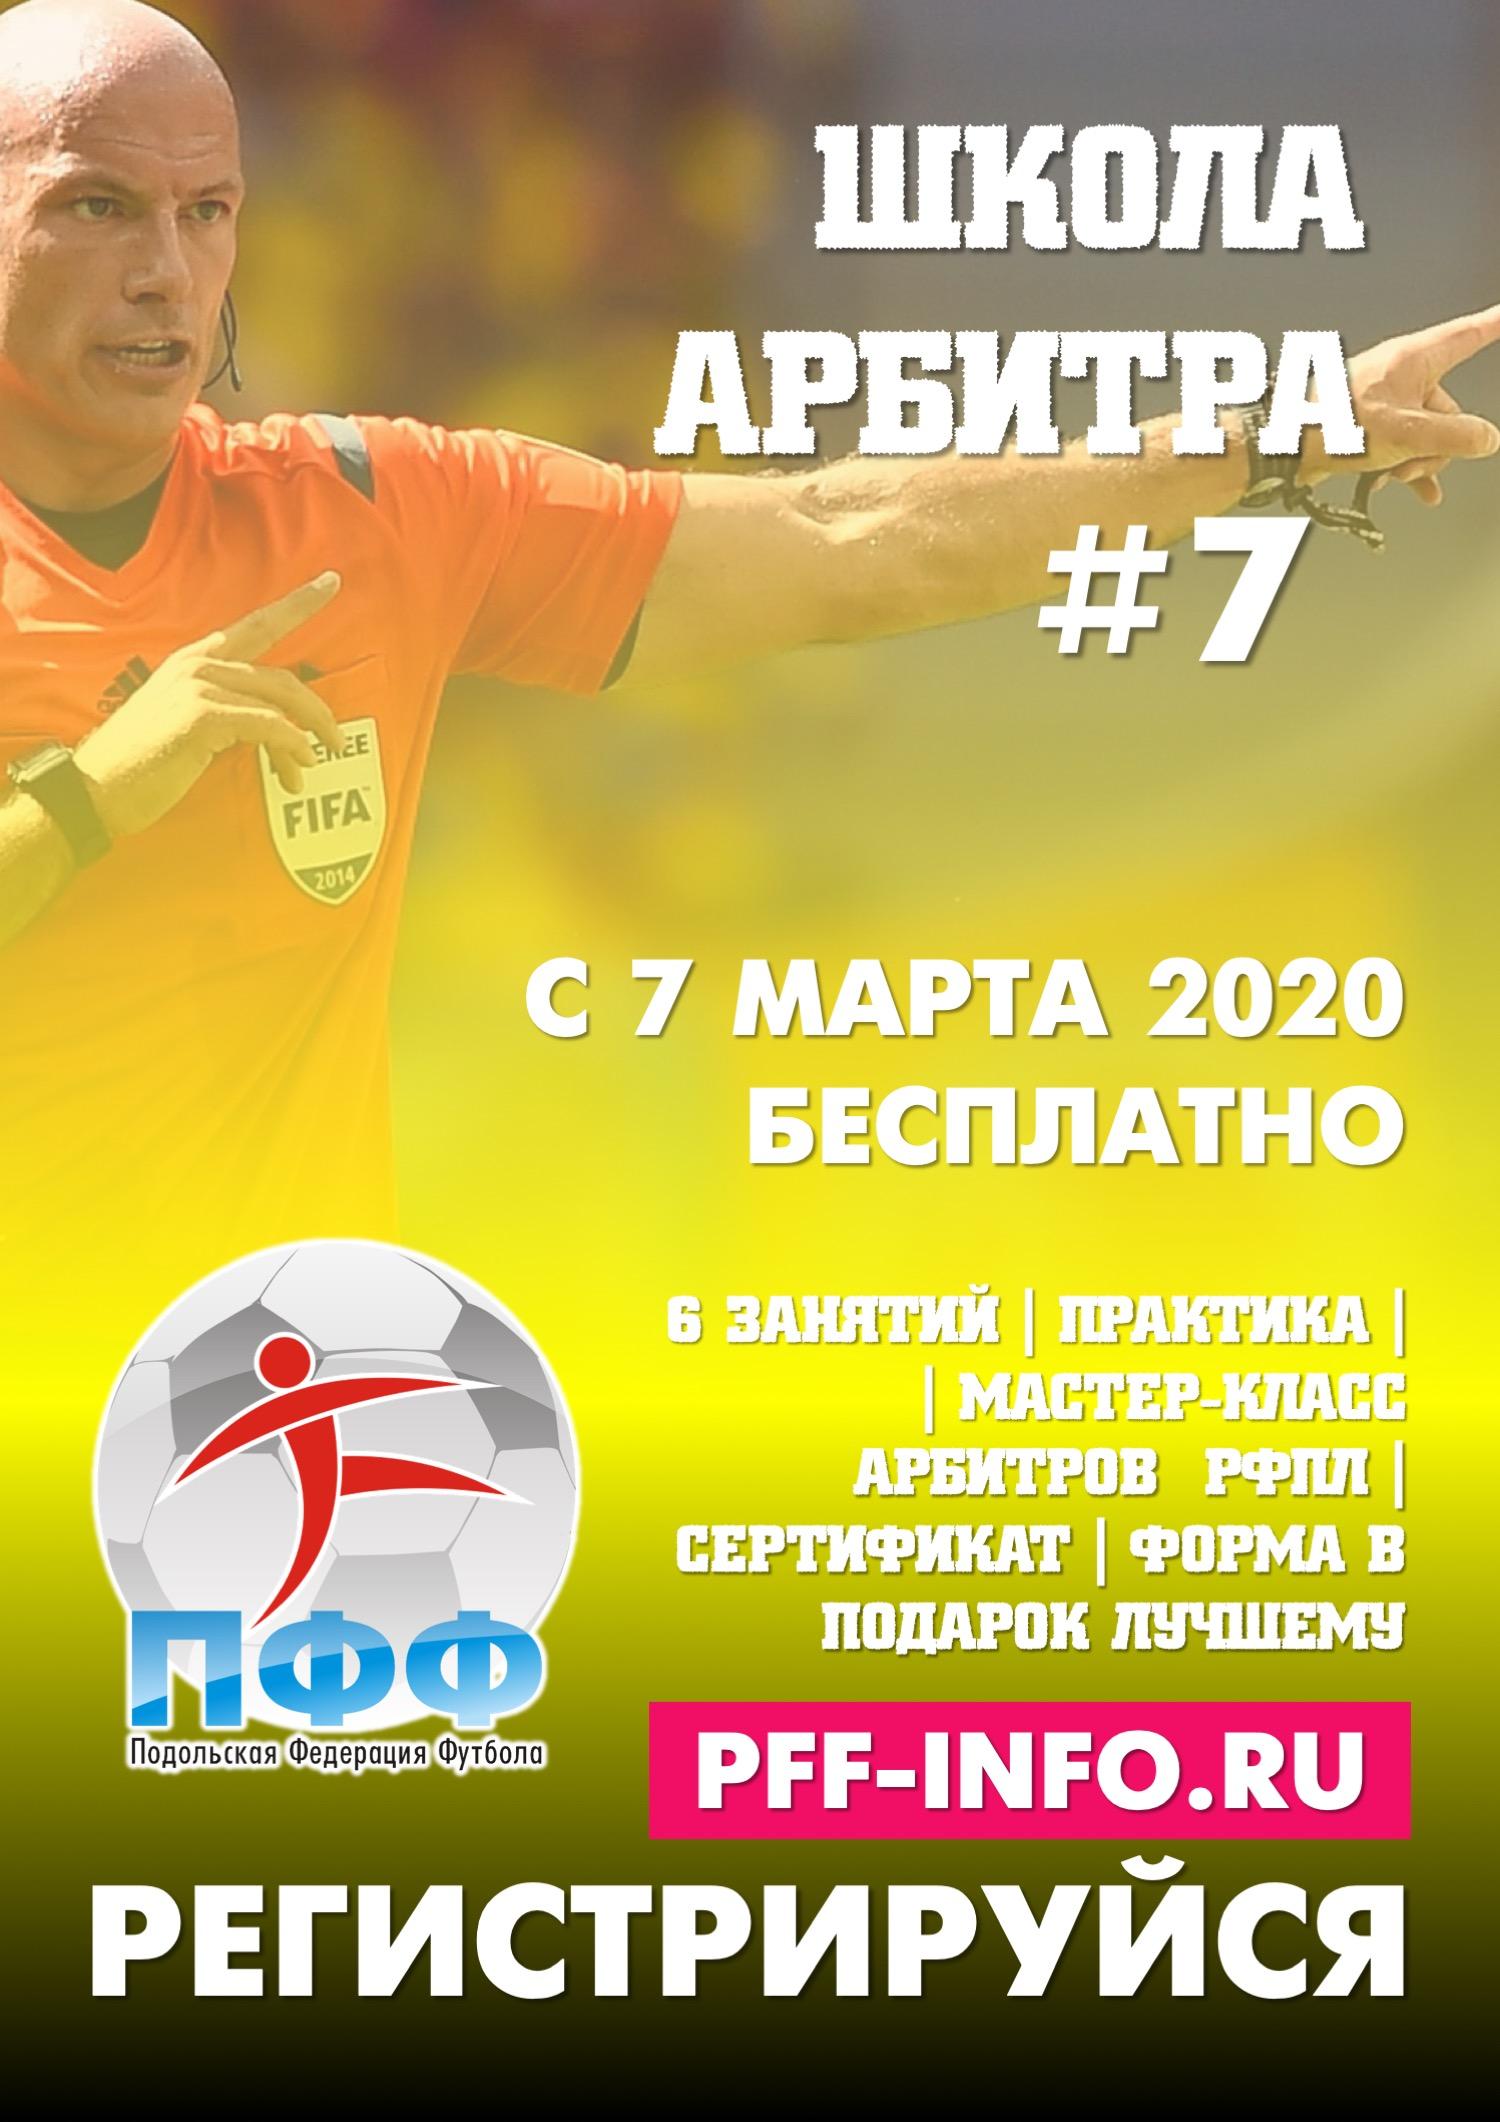 7-й курс Школы арбитра откроется в Подольске: взгляните на футбол по-другому